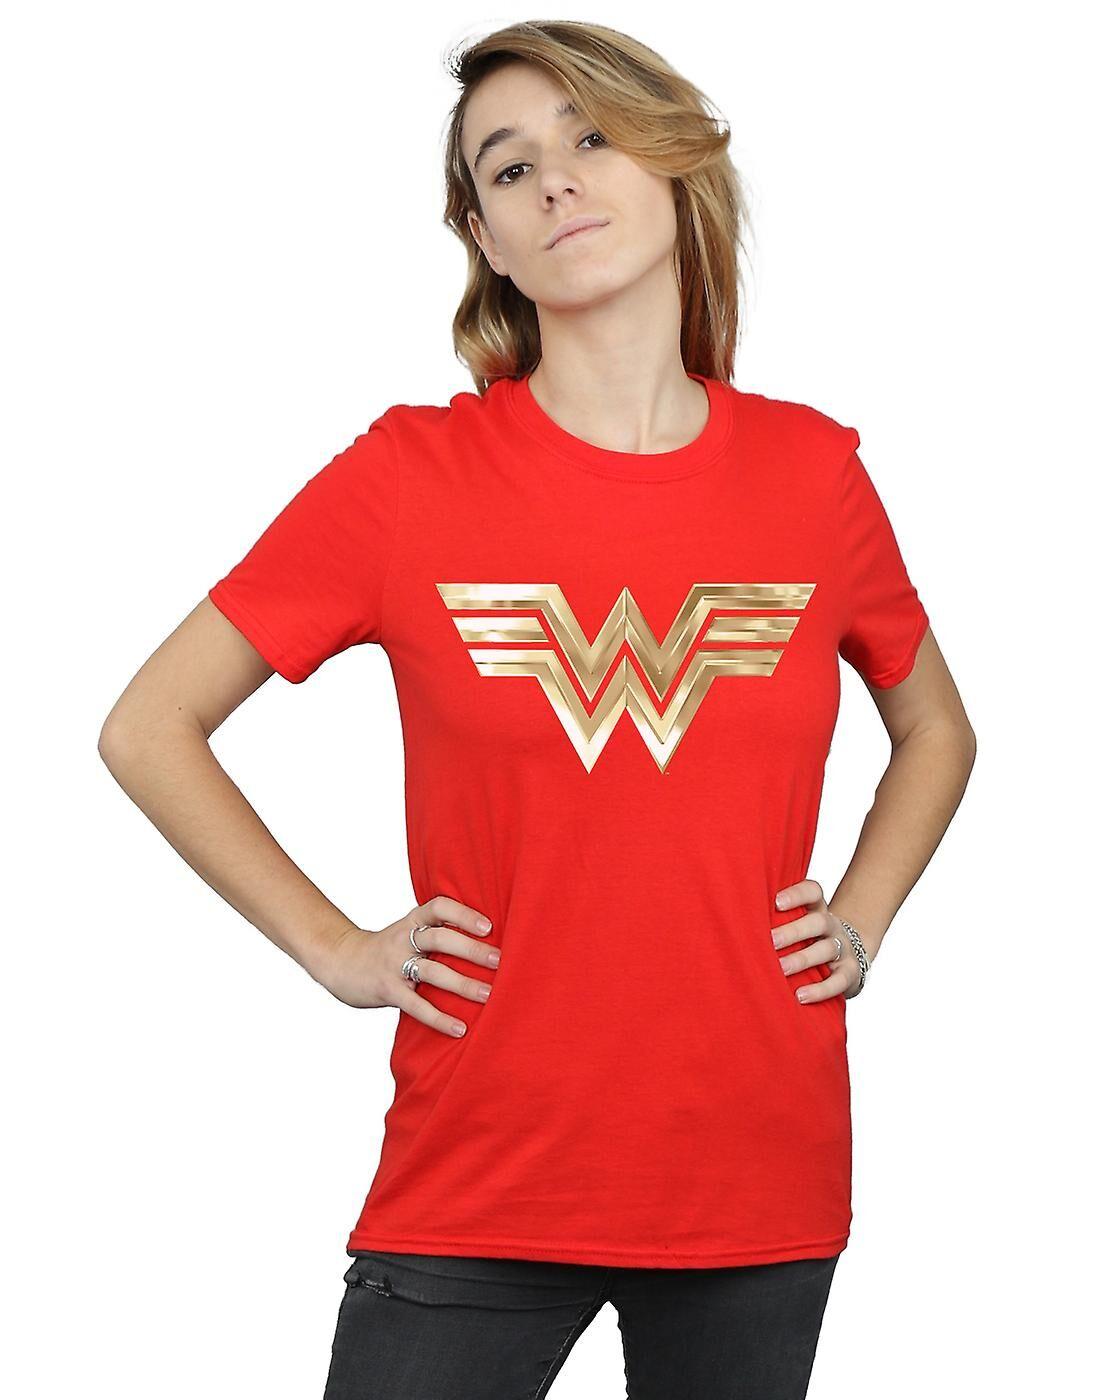 Absolute Cult DC Comics Femmes-apos;s Wonder Woman 84 Gold Emblem Boyfriend Fit T-Shirt Blanc XXXXX-Large